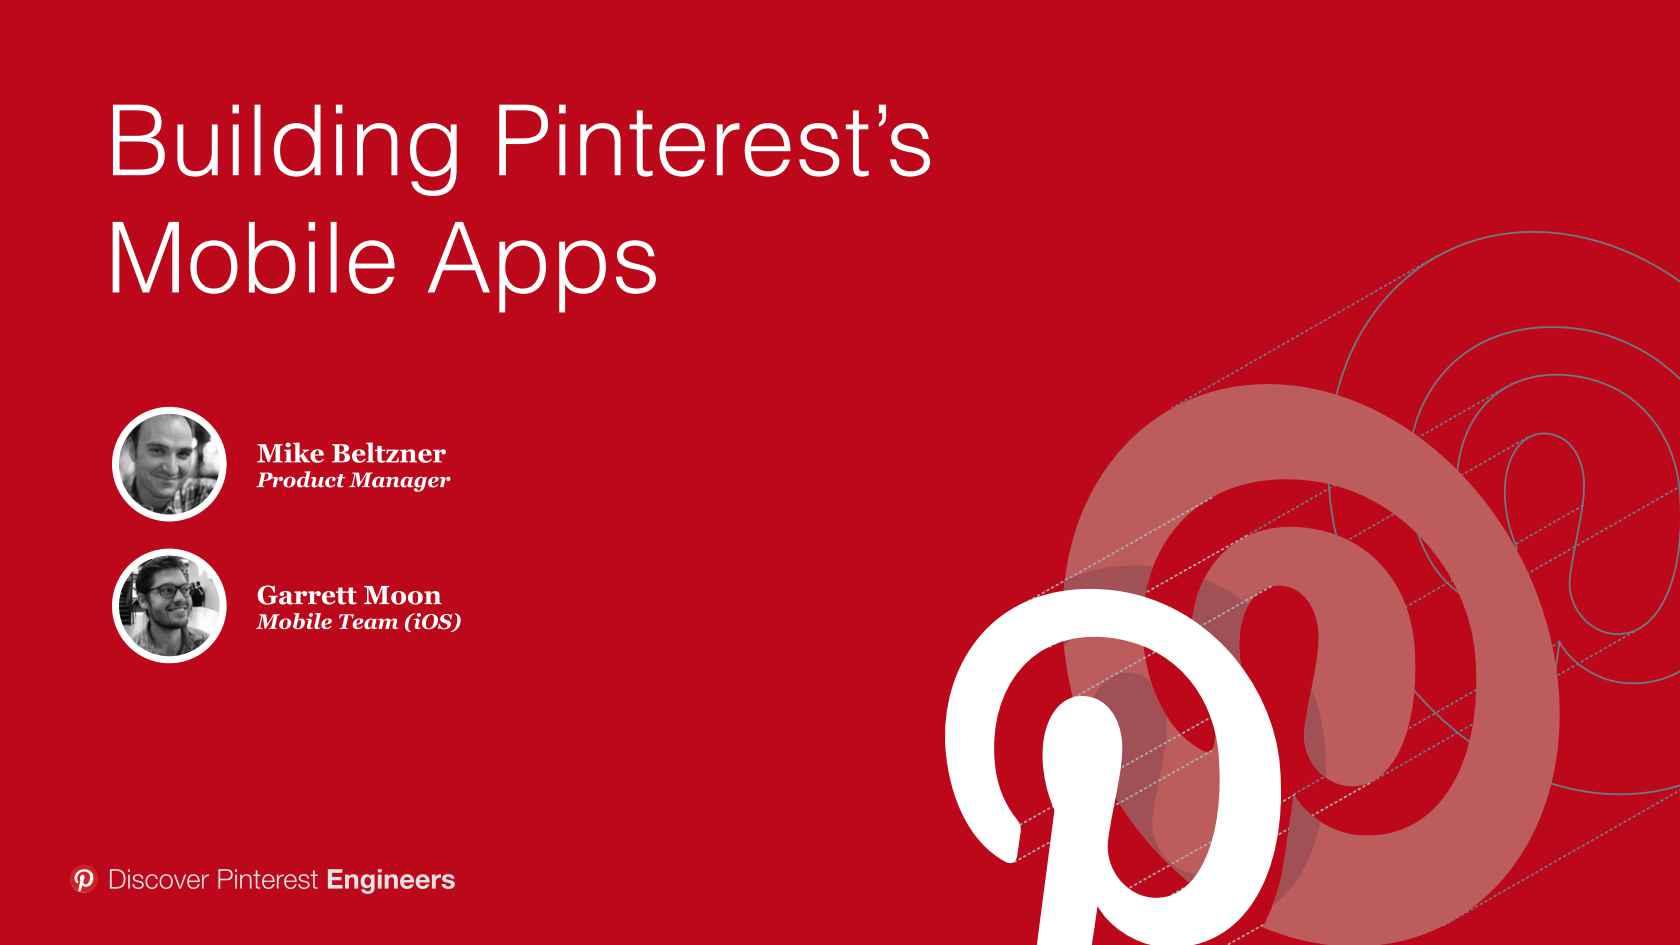 faeaf6f91f2d Building Pinterest's Mobile Apps